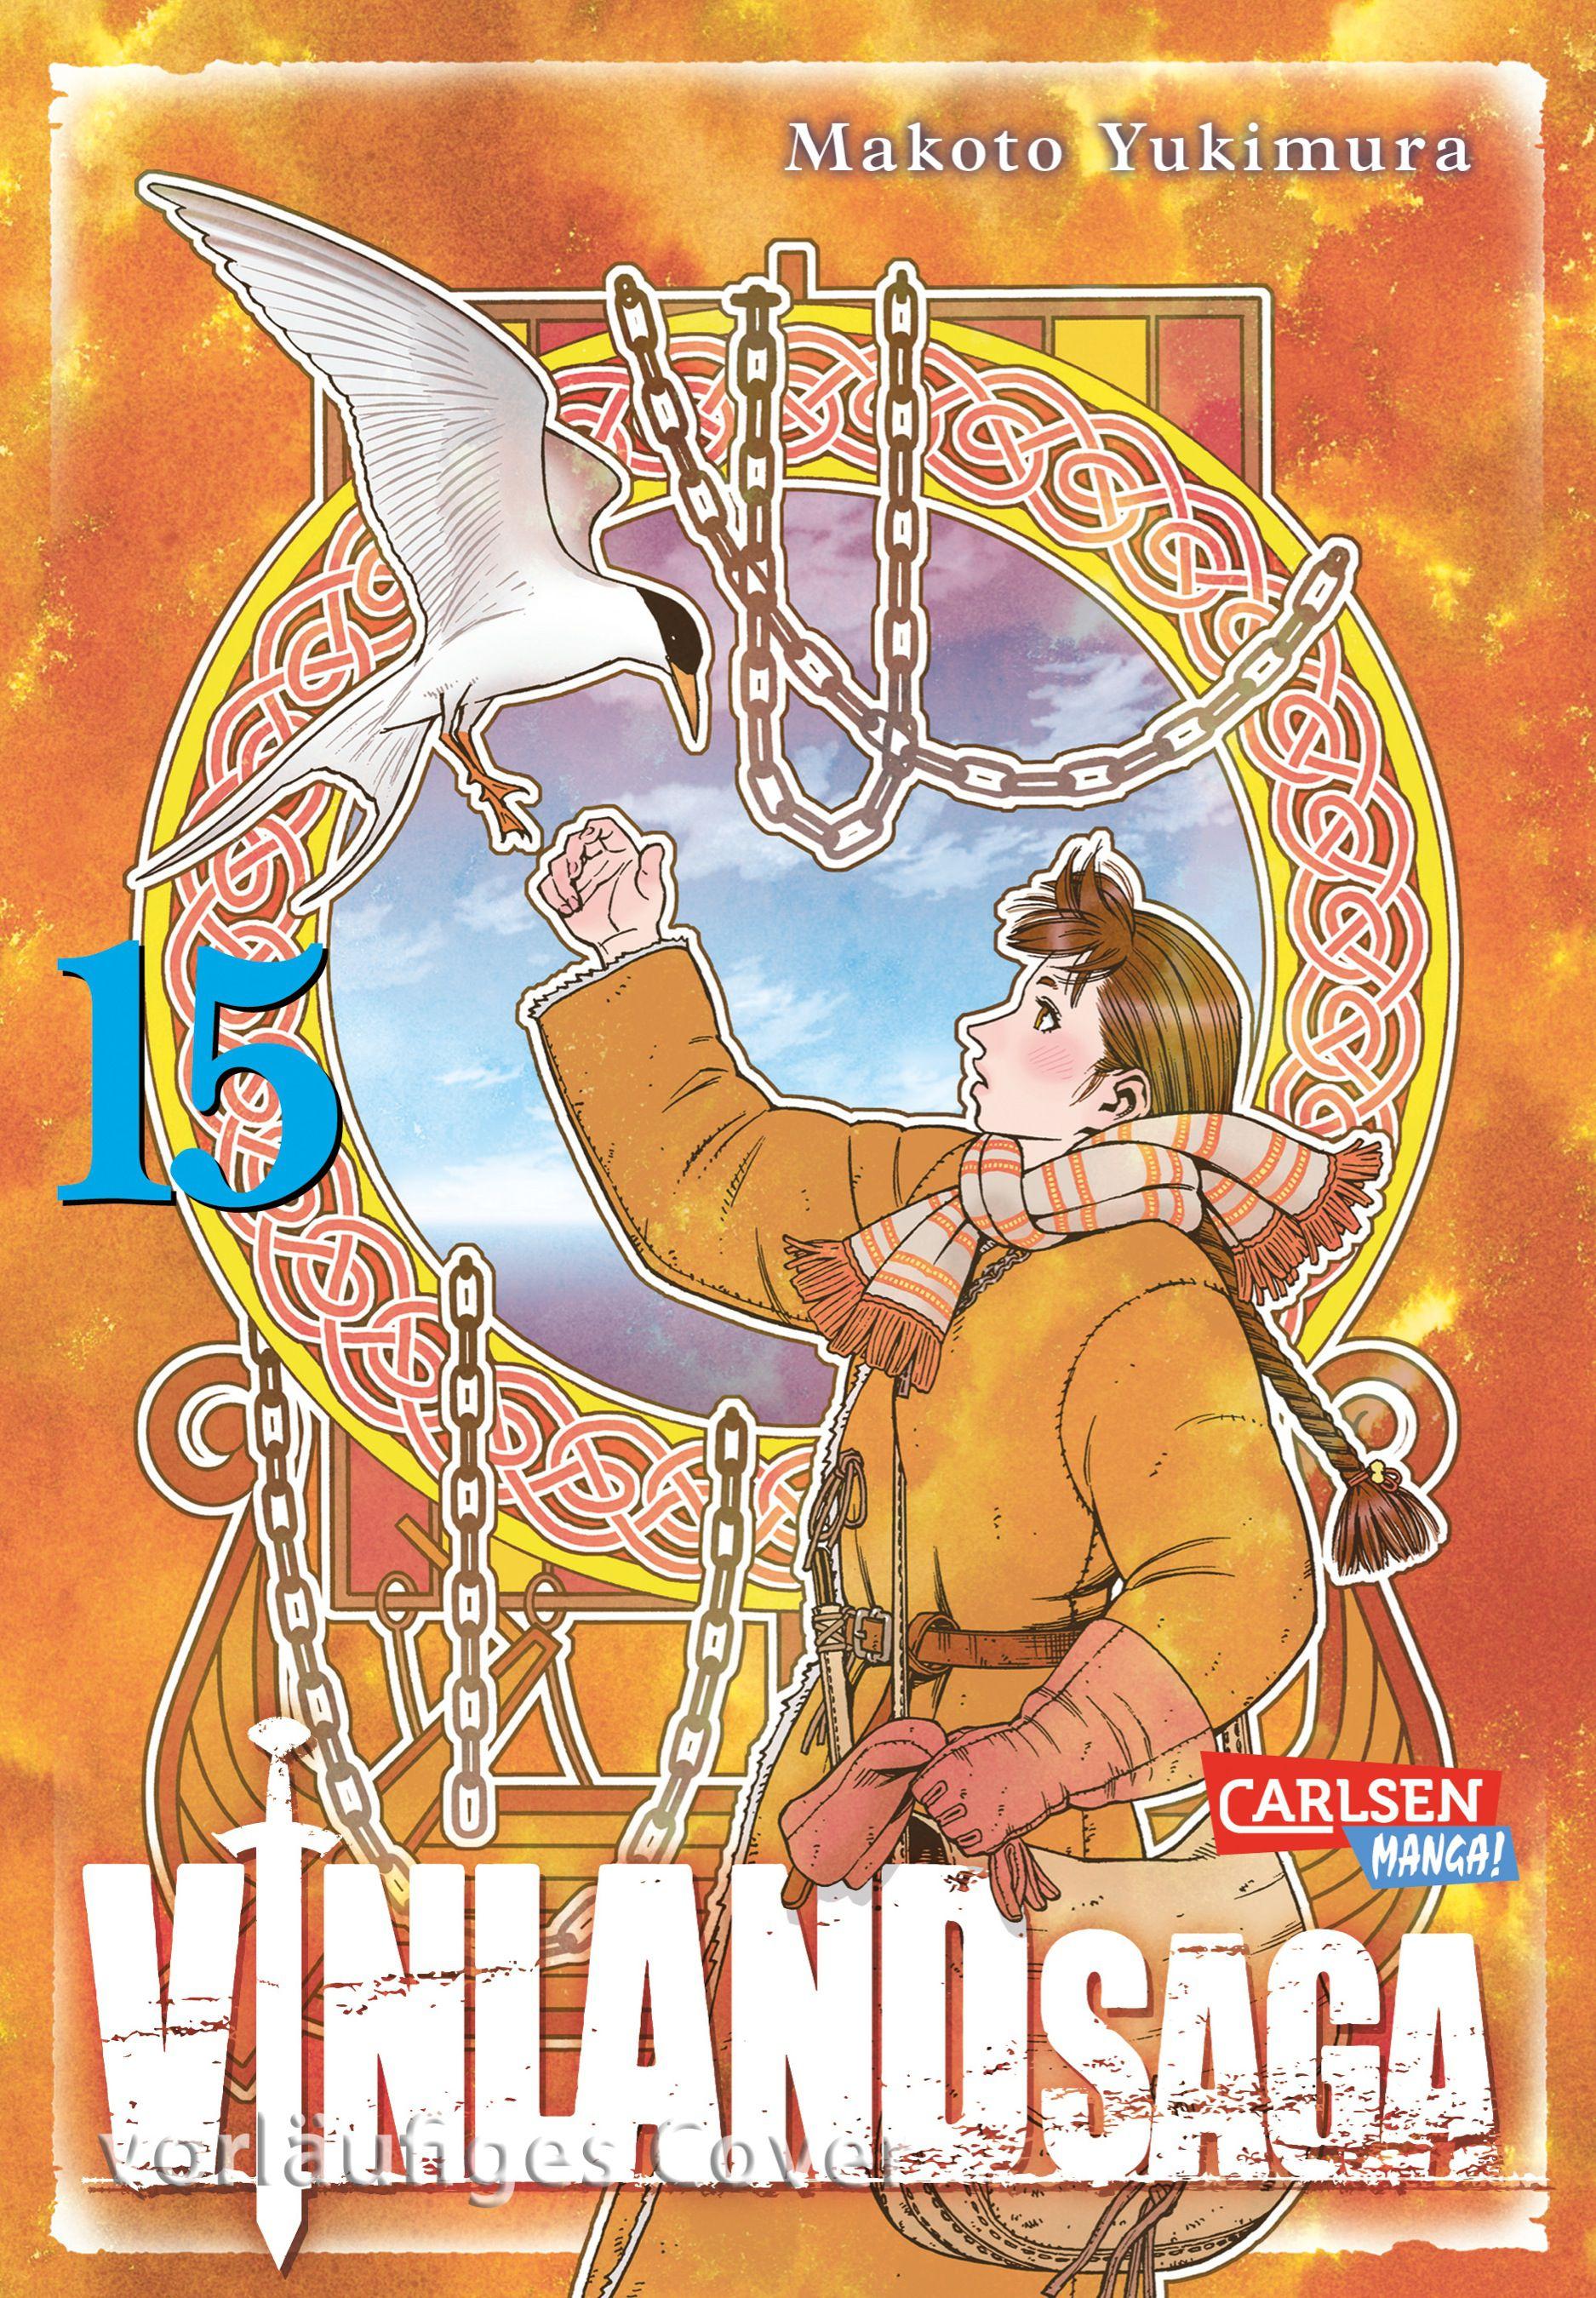 Vinland Saga 15 Makoto Yukimura 9783551759801